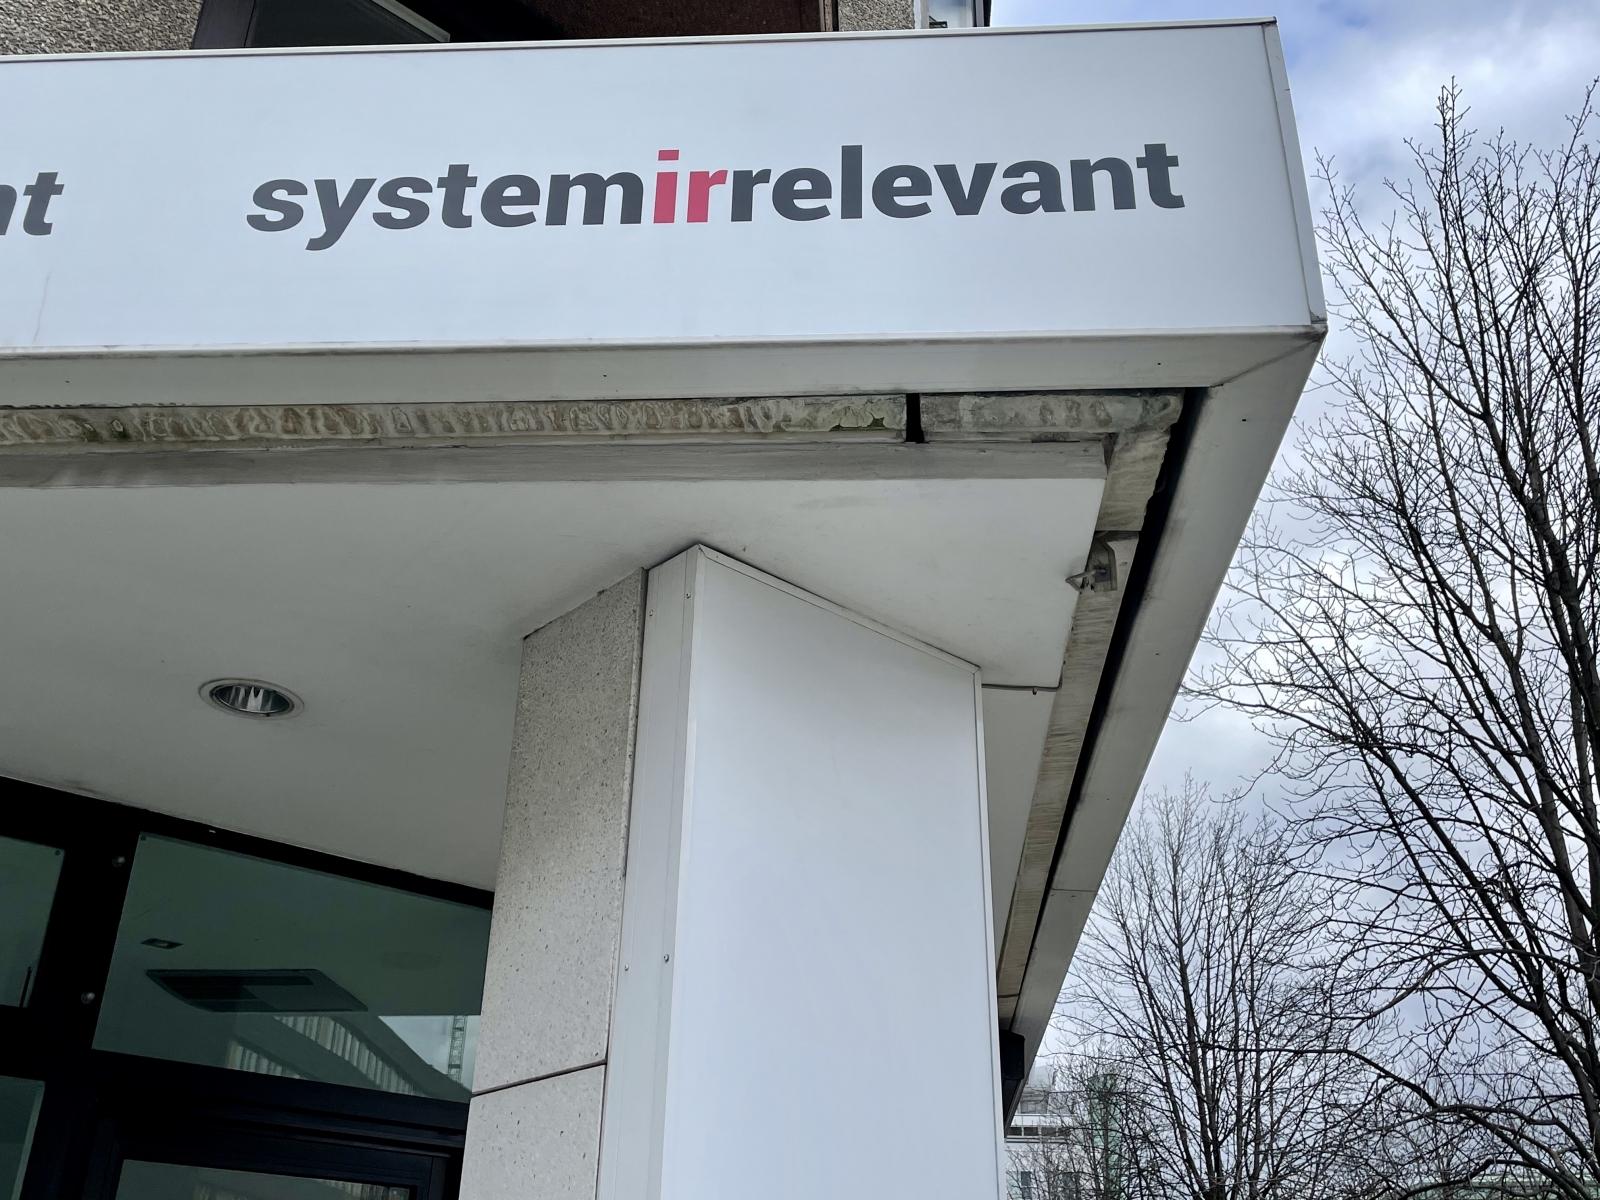 Systemirrelevant